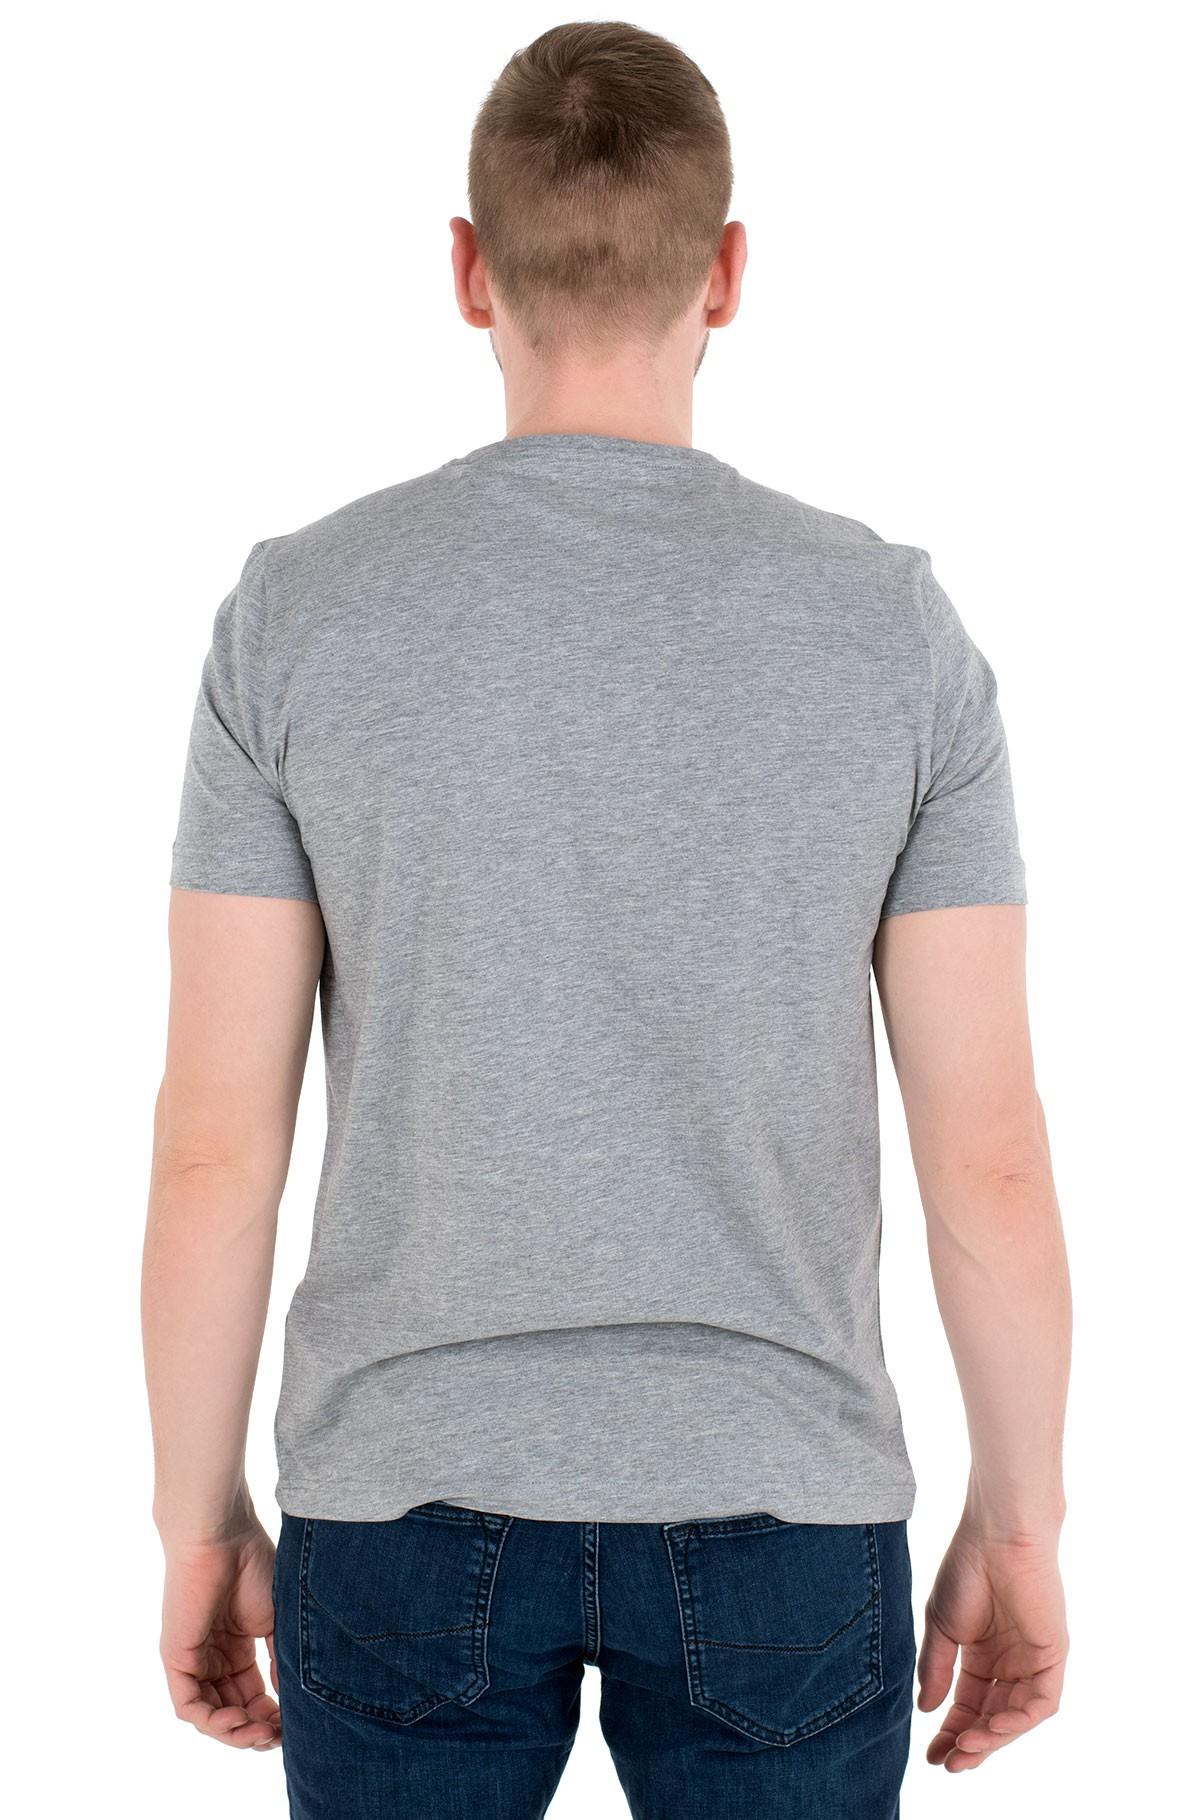 T-shirt 101-0718-full-2